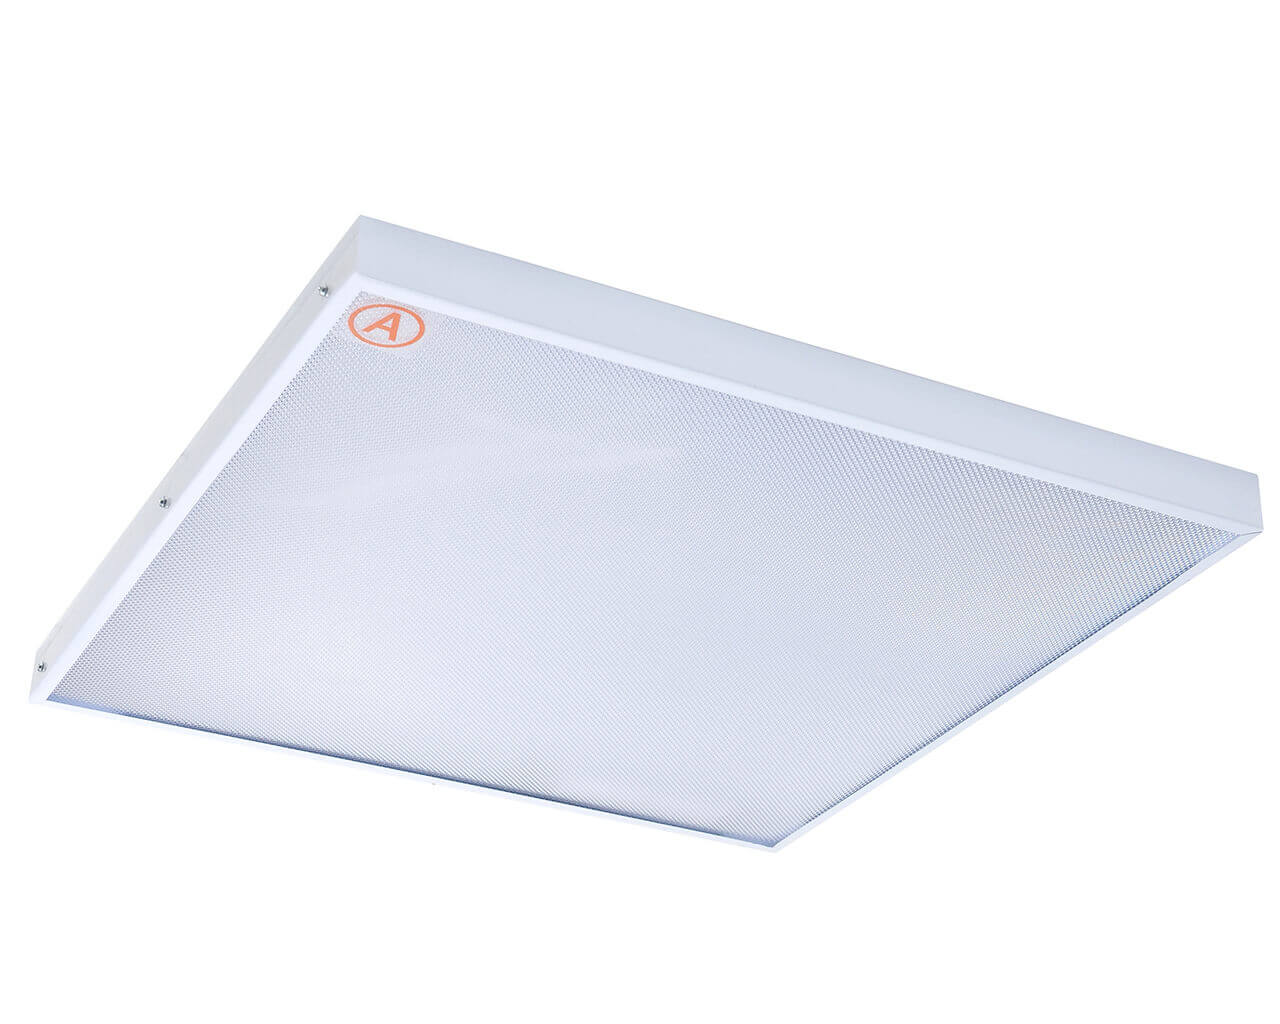 Универсальный светильник LC-US-S80-WW ватт 595x595 Теплый белый Призма с Бап-1 час